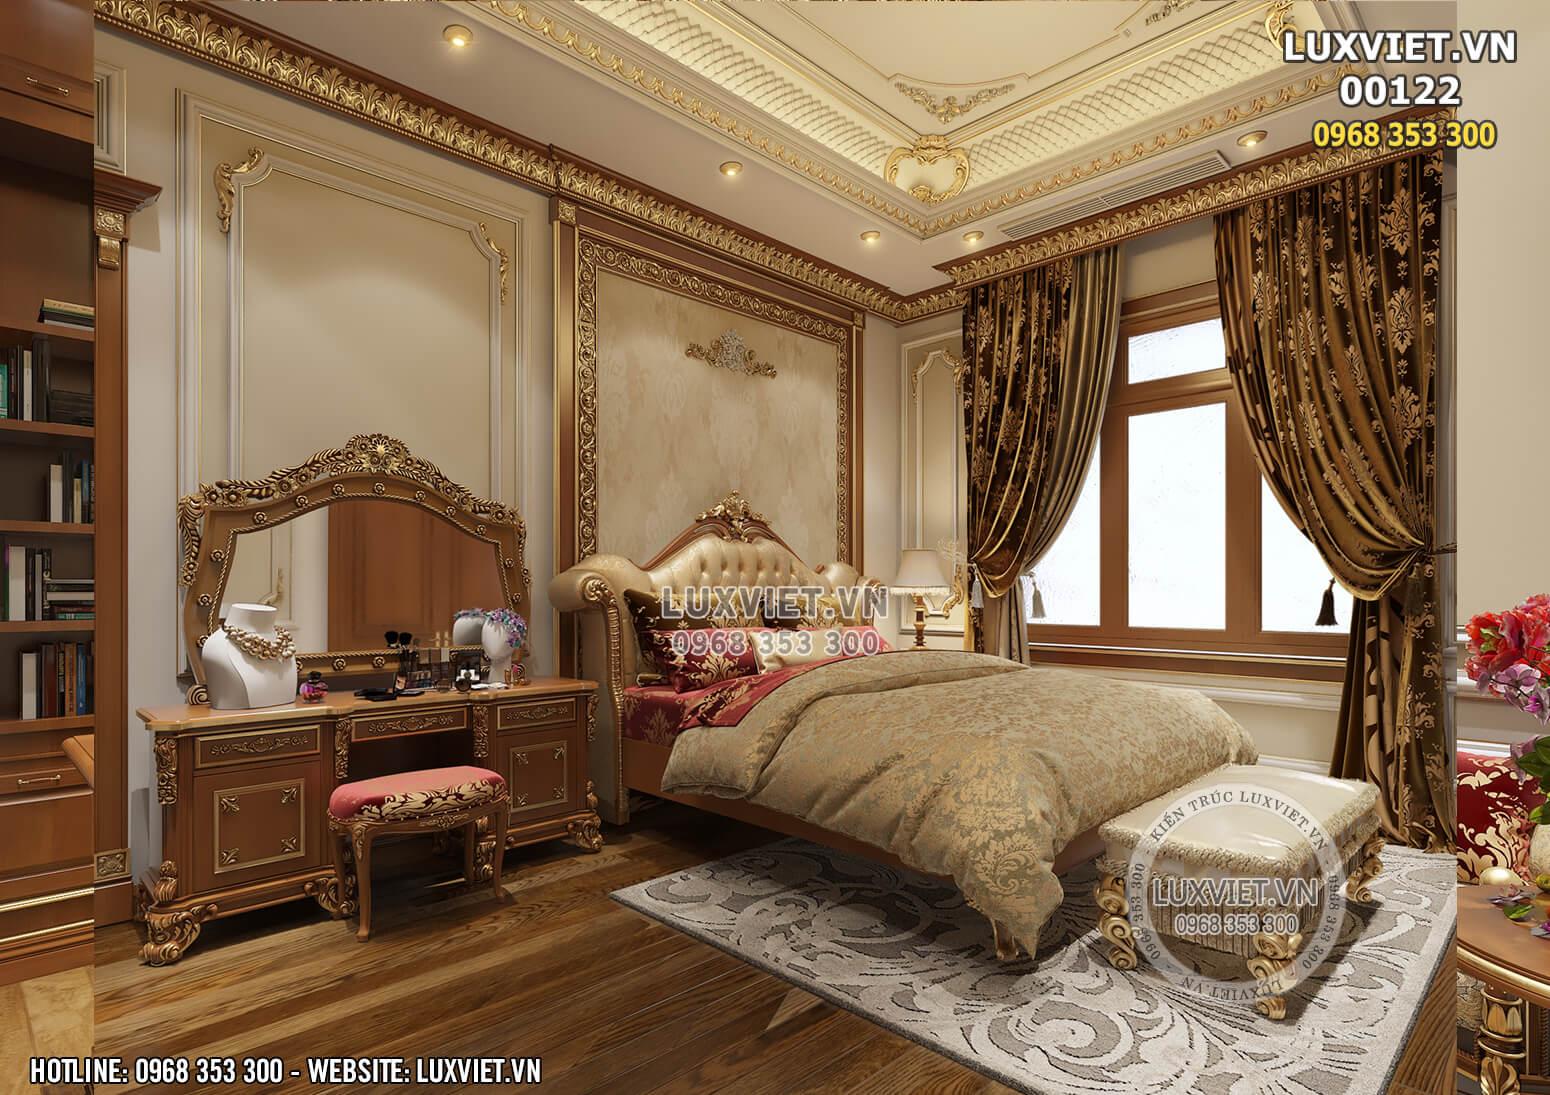 Hình ảnh: Phòng ngủ sang trọng và ấm cúng phong cách tân cổ điển (interior design) - LV 00122